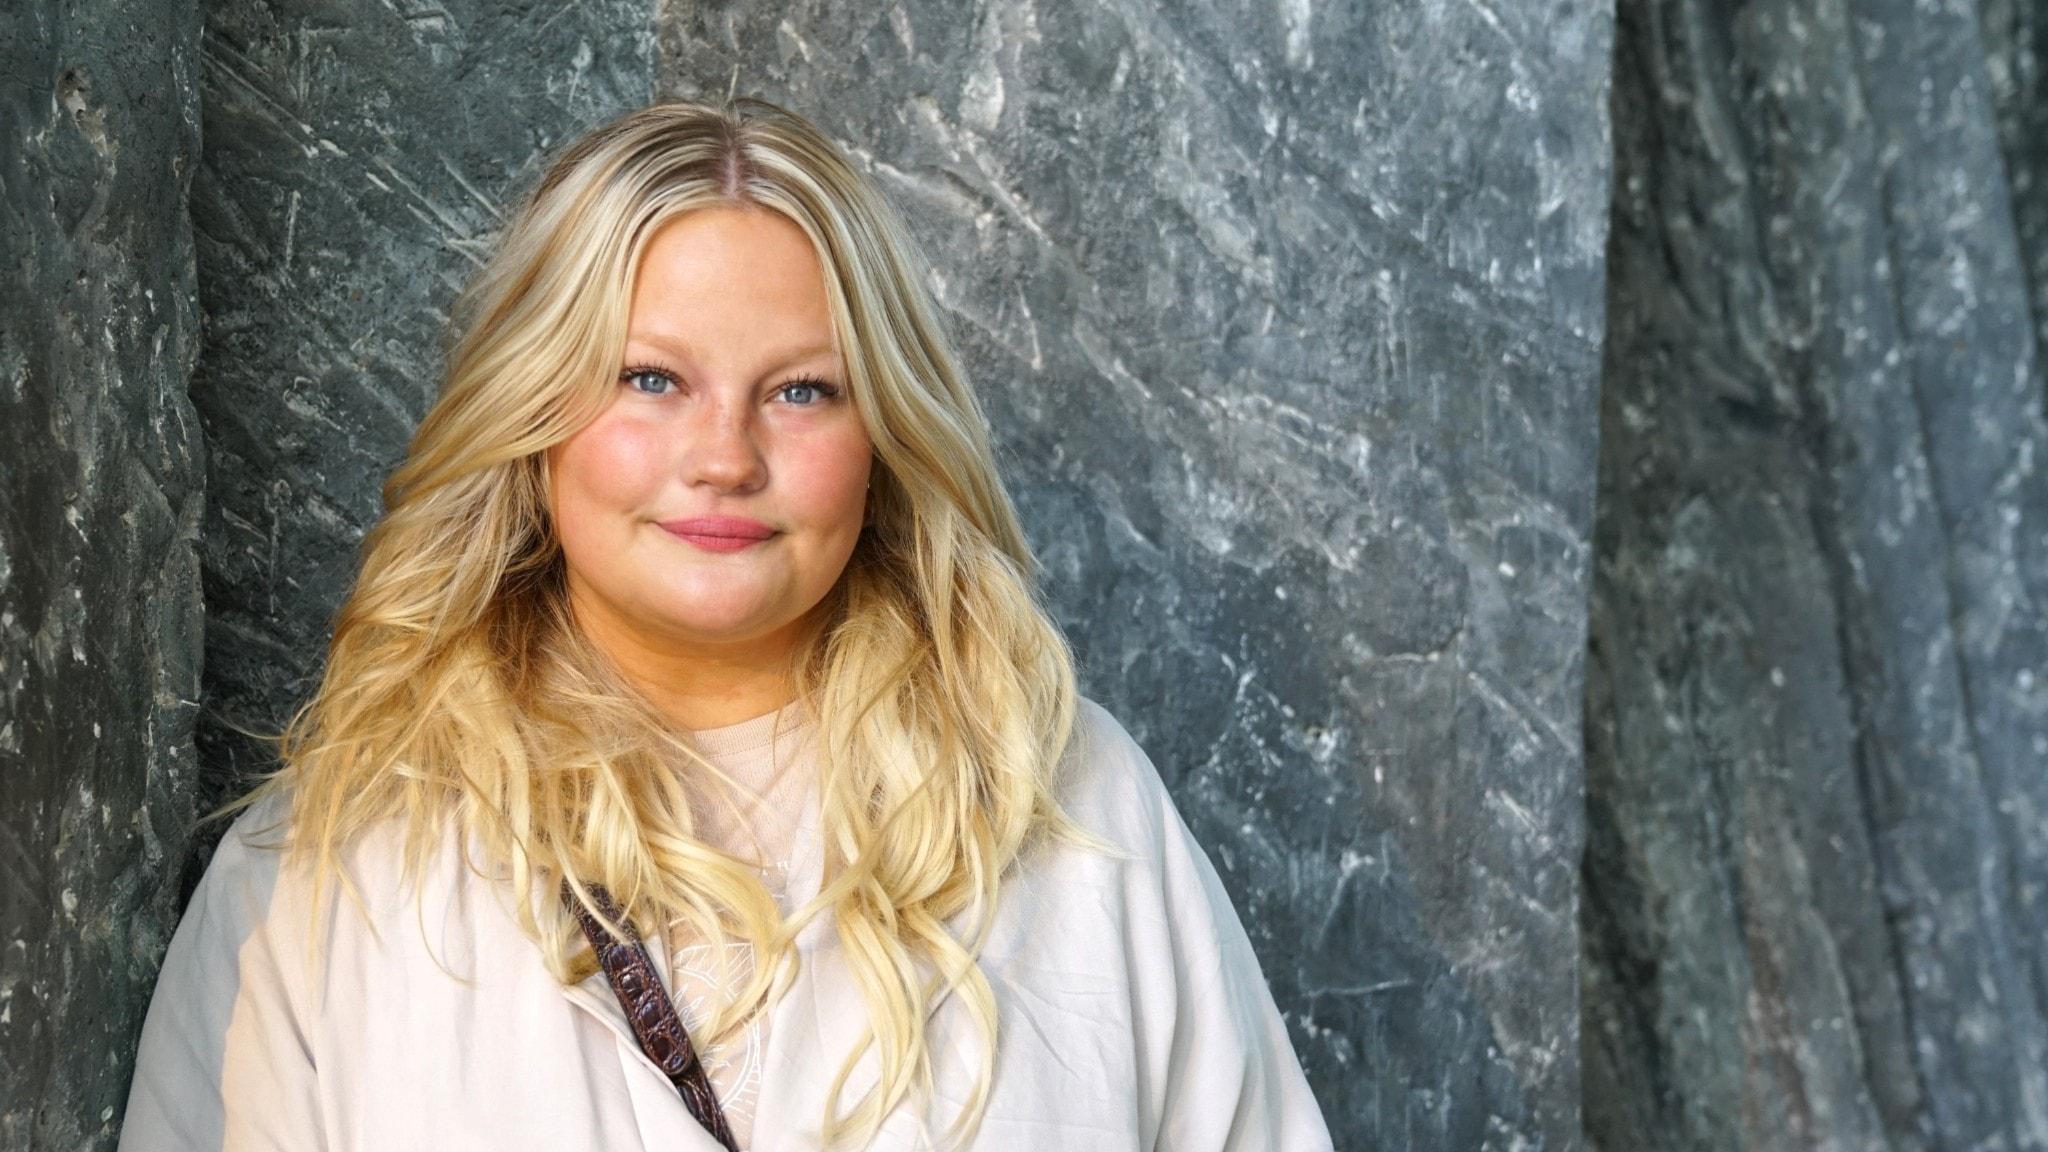 Sölvesborgs kulturchef slutar efter konstbråk, Sarah Klang till botten med kärleken, Hédi Fried får Frihetspennan, Ijustwannabecool ljud-